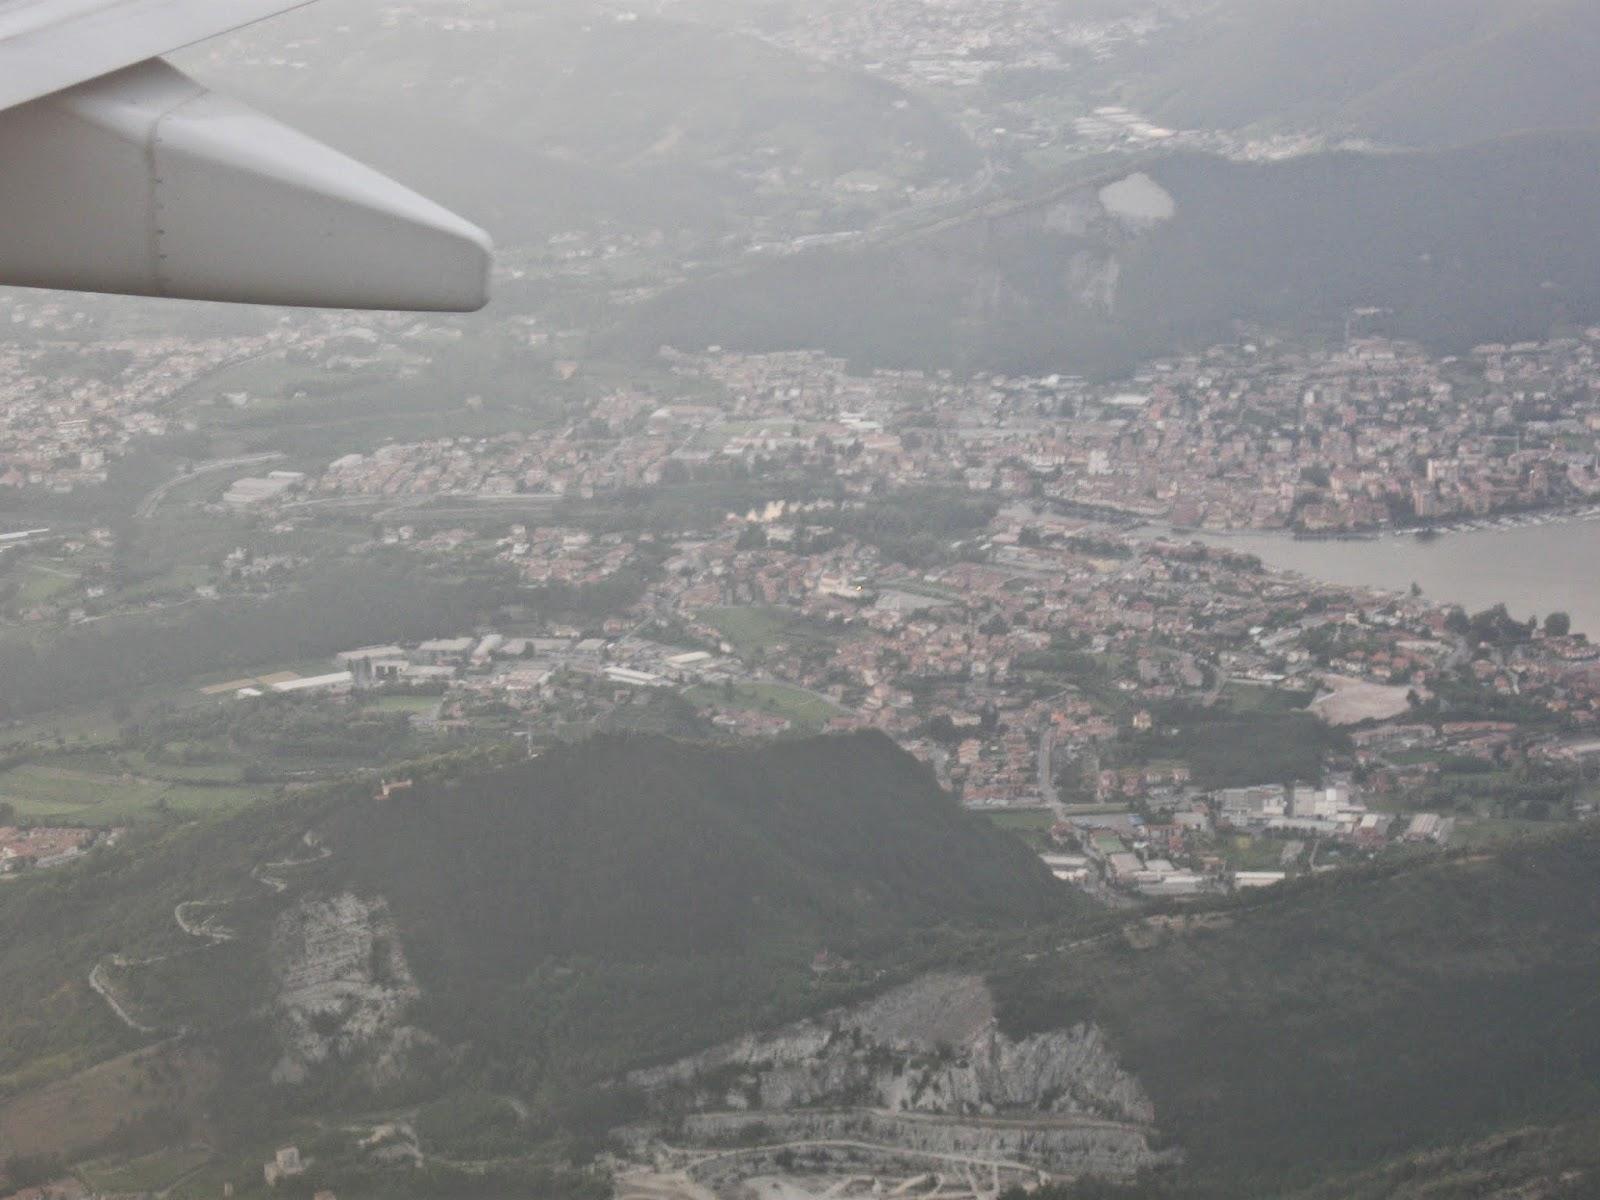 Bergamo widok z samolotu przez okno